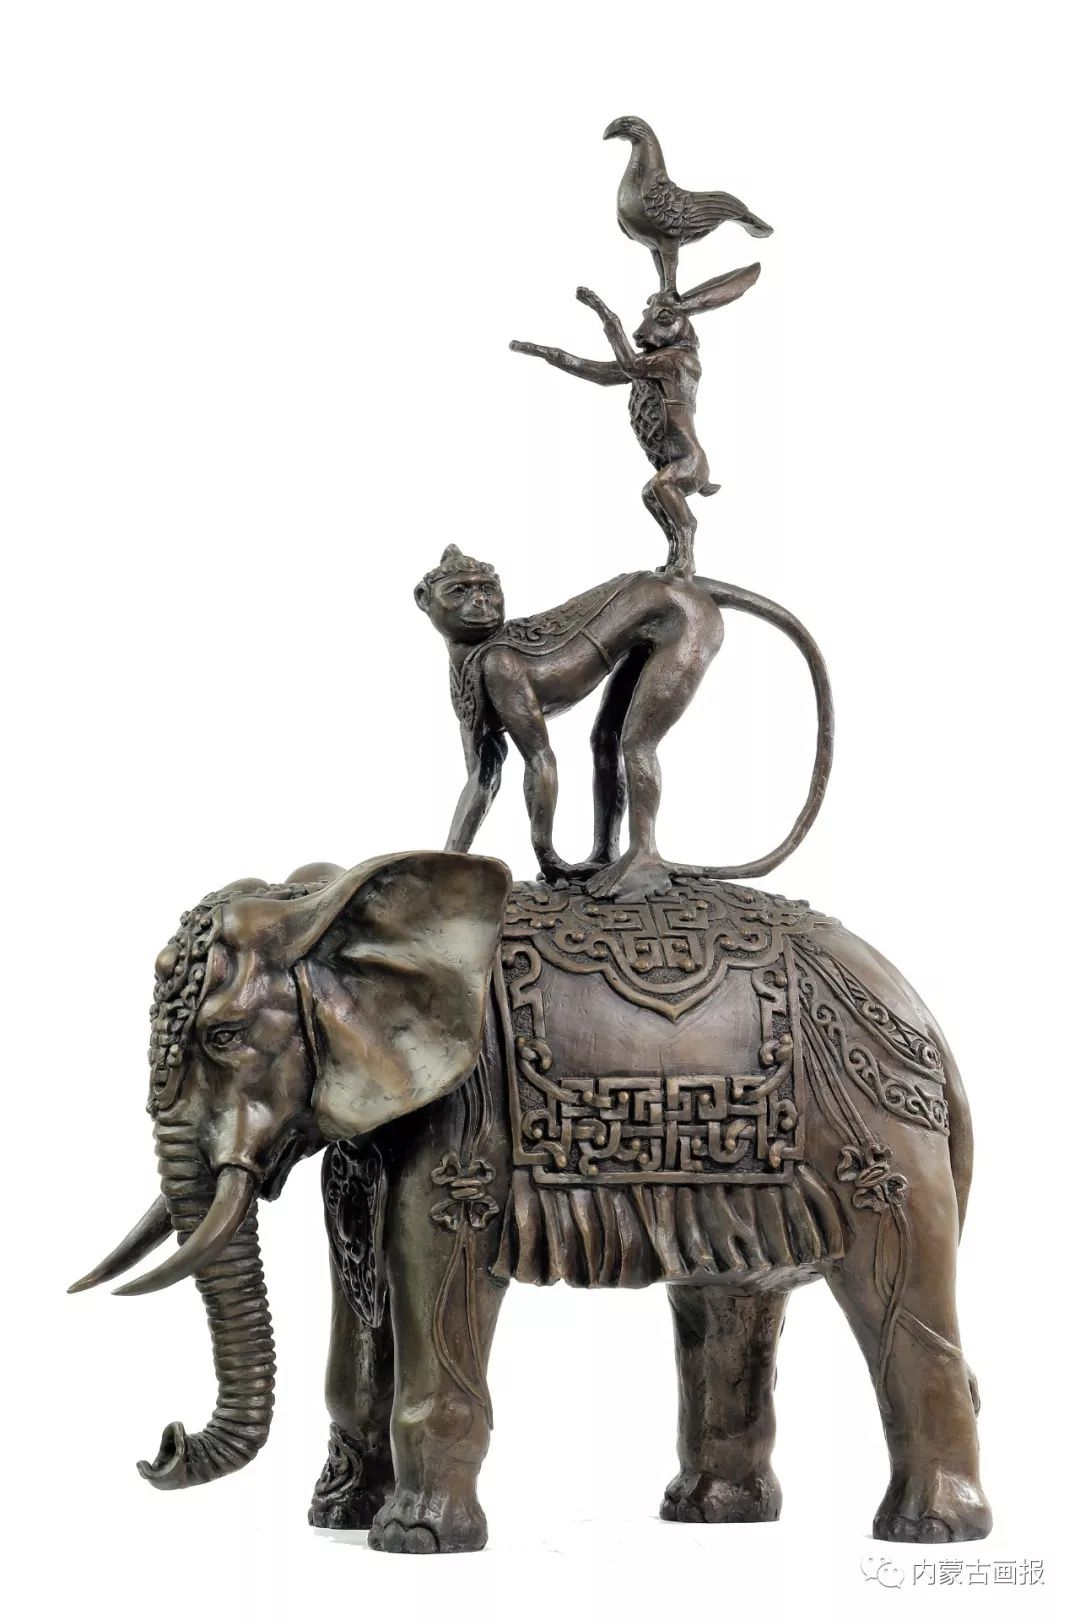 蒙古族雕塑艺术家铁木老师作品欣赏 ... 第6张 蒙古族雕塑艺术家铁木老师作品欣赏 ... 蒙古画廊